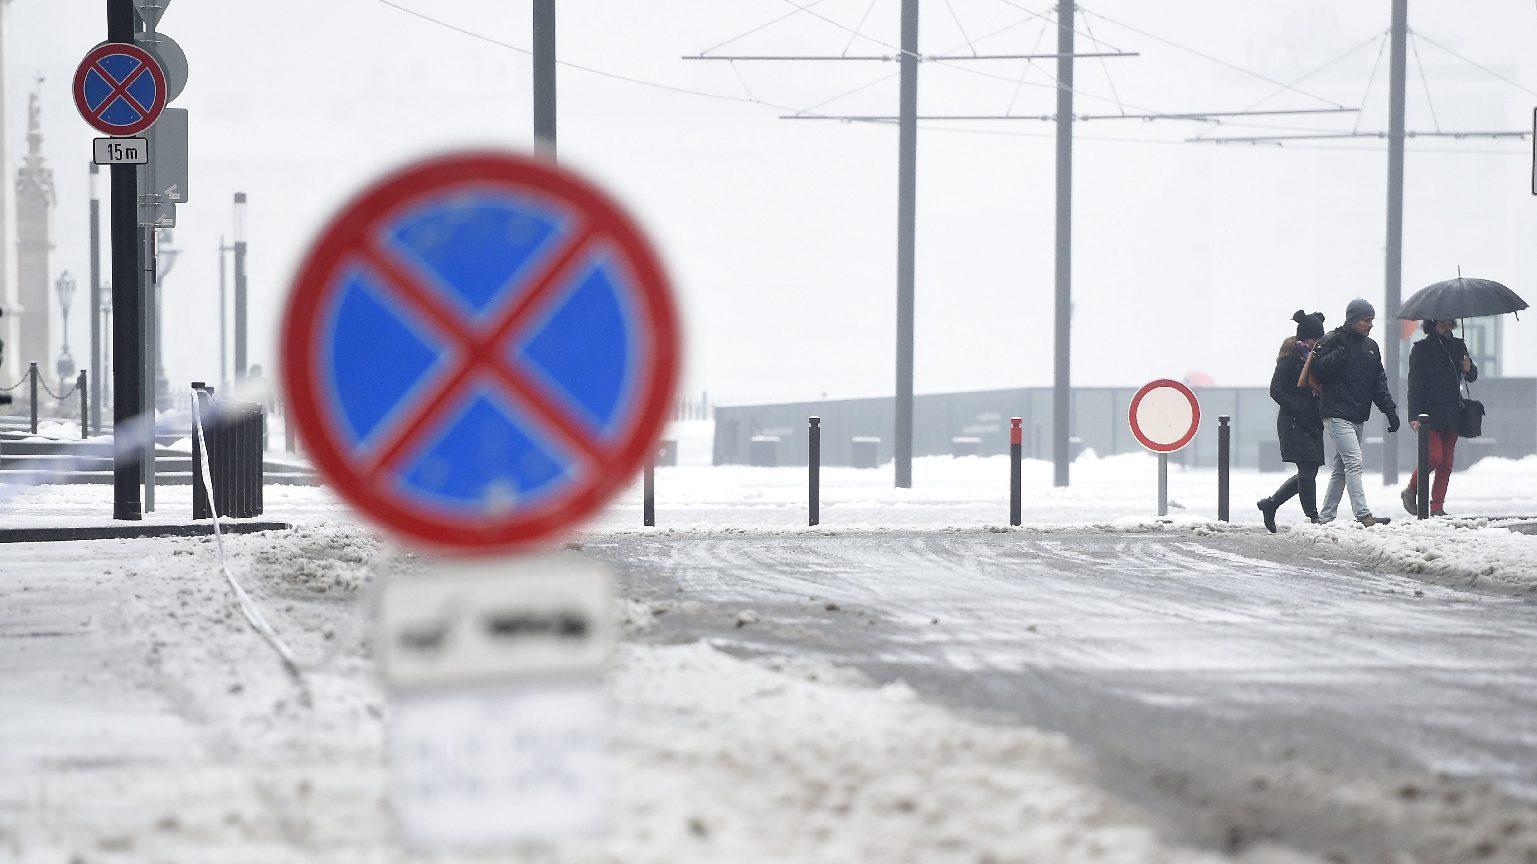 Budavári Önkormányzat: Az MNB megállapodása volt jogsértő